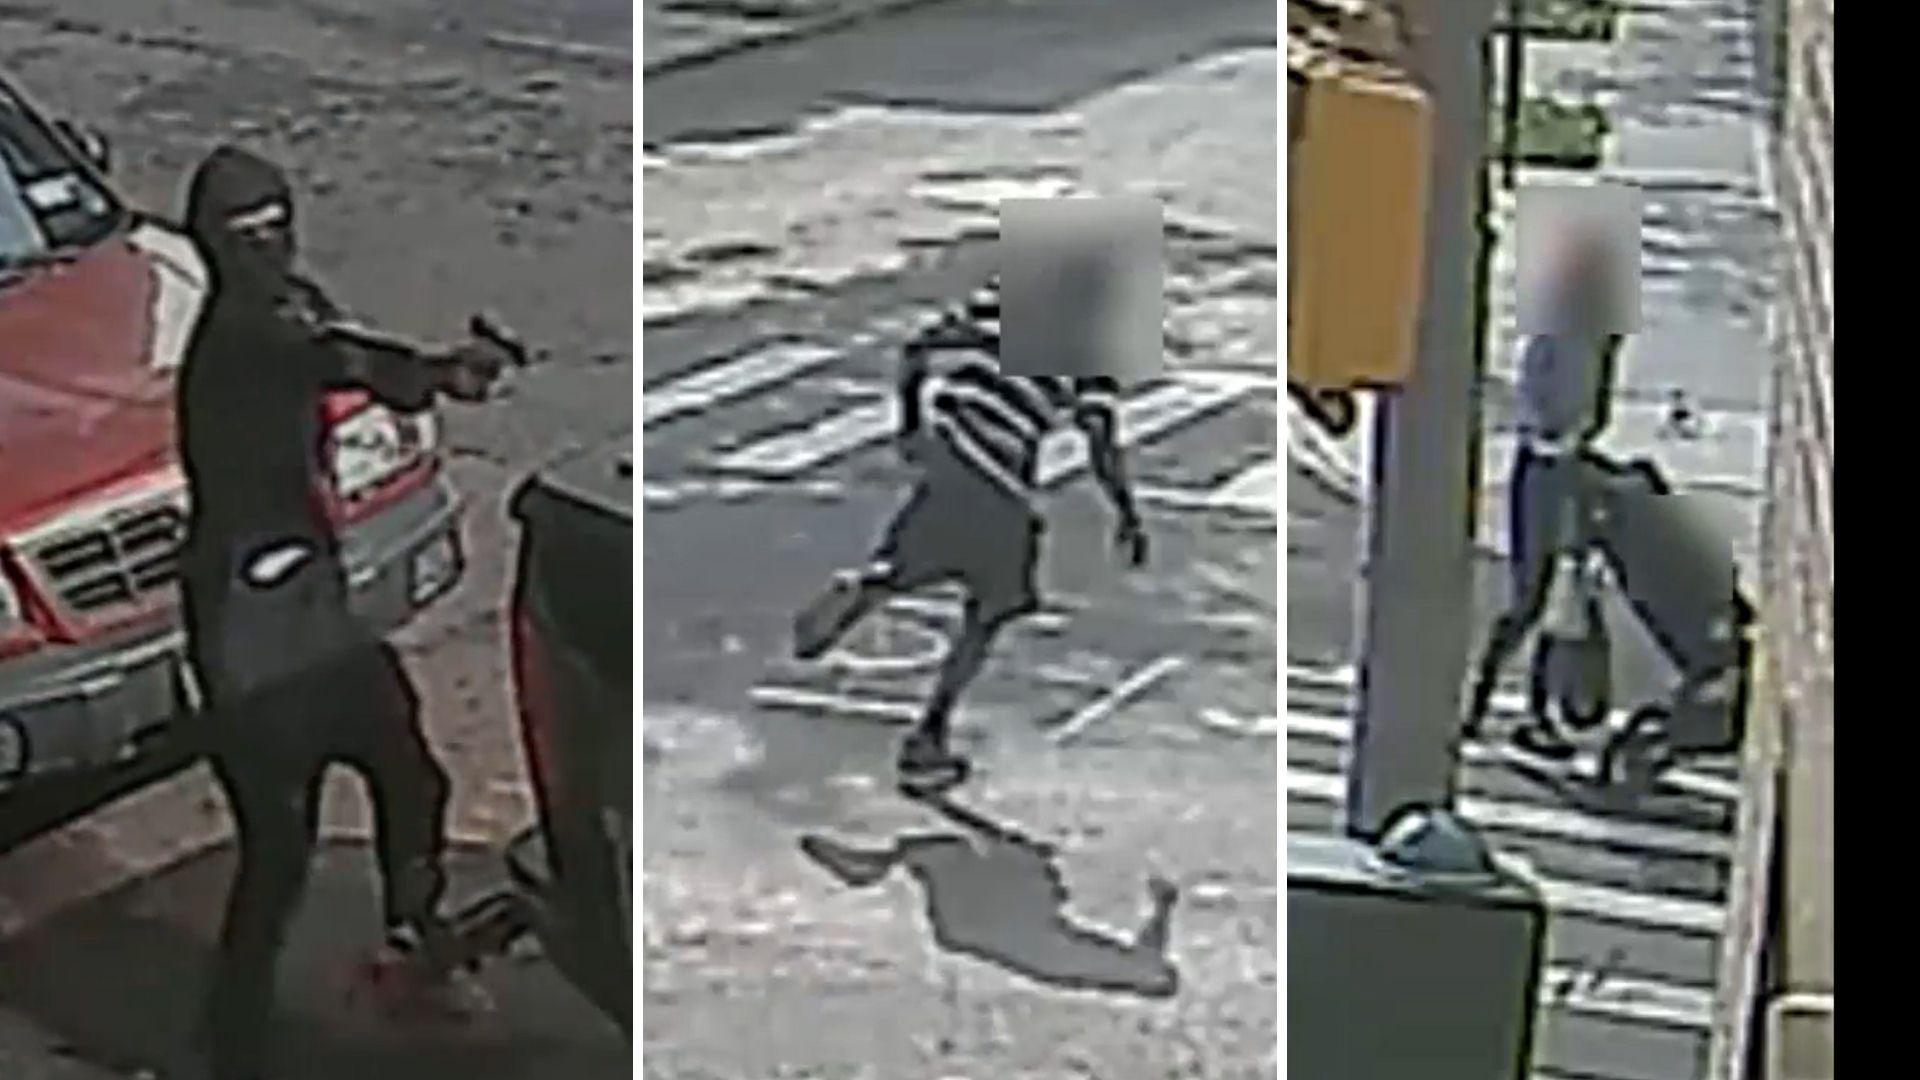 Gunman opens fire on Boerum Hill street in Brooklyn